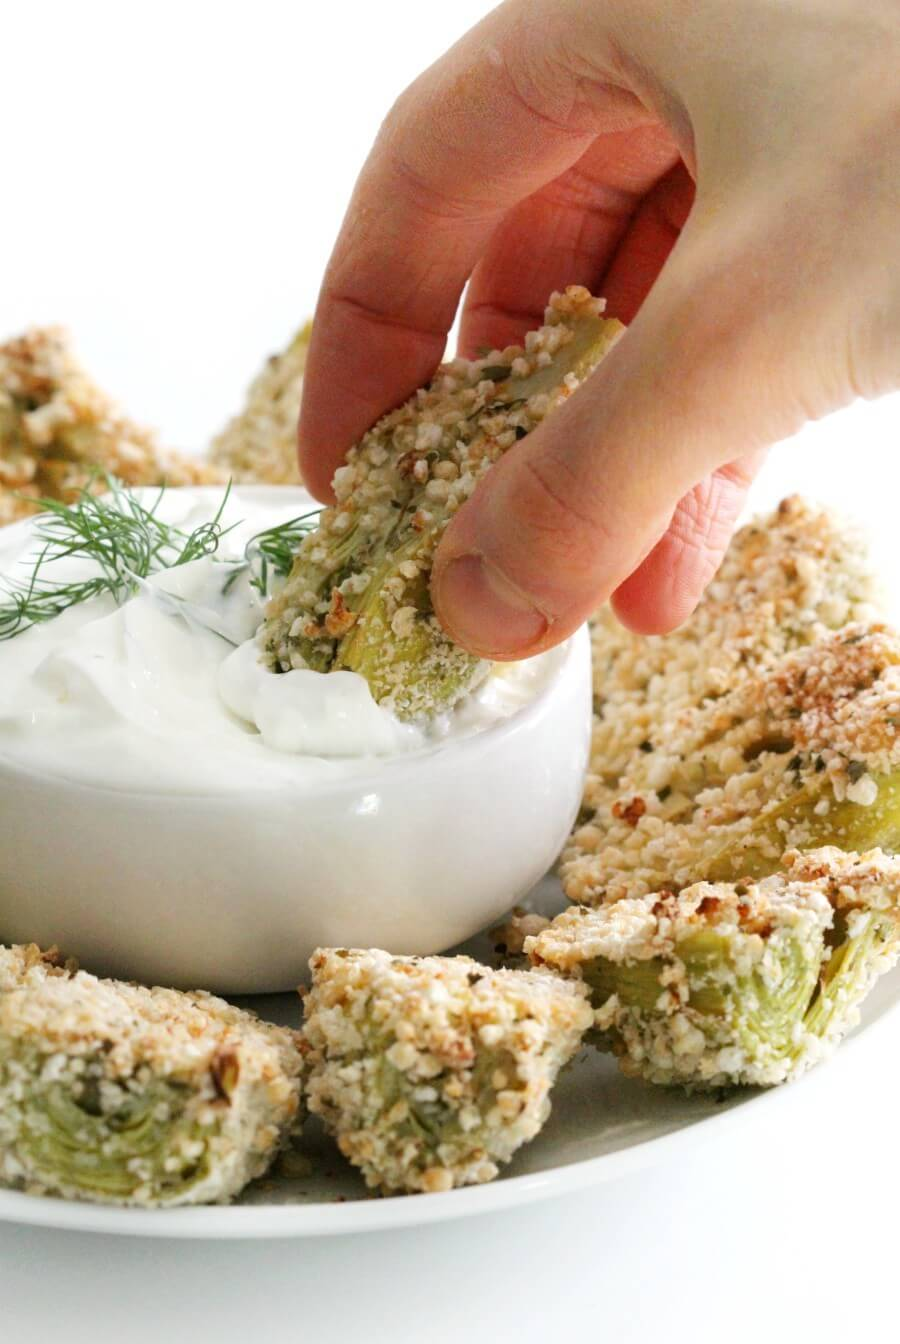 hand dipping a breaded artichoke heart in dairy-free yogurt dip